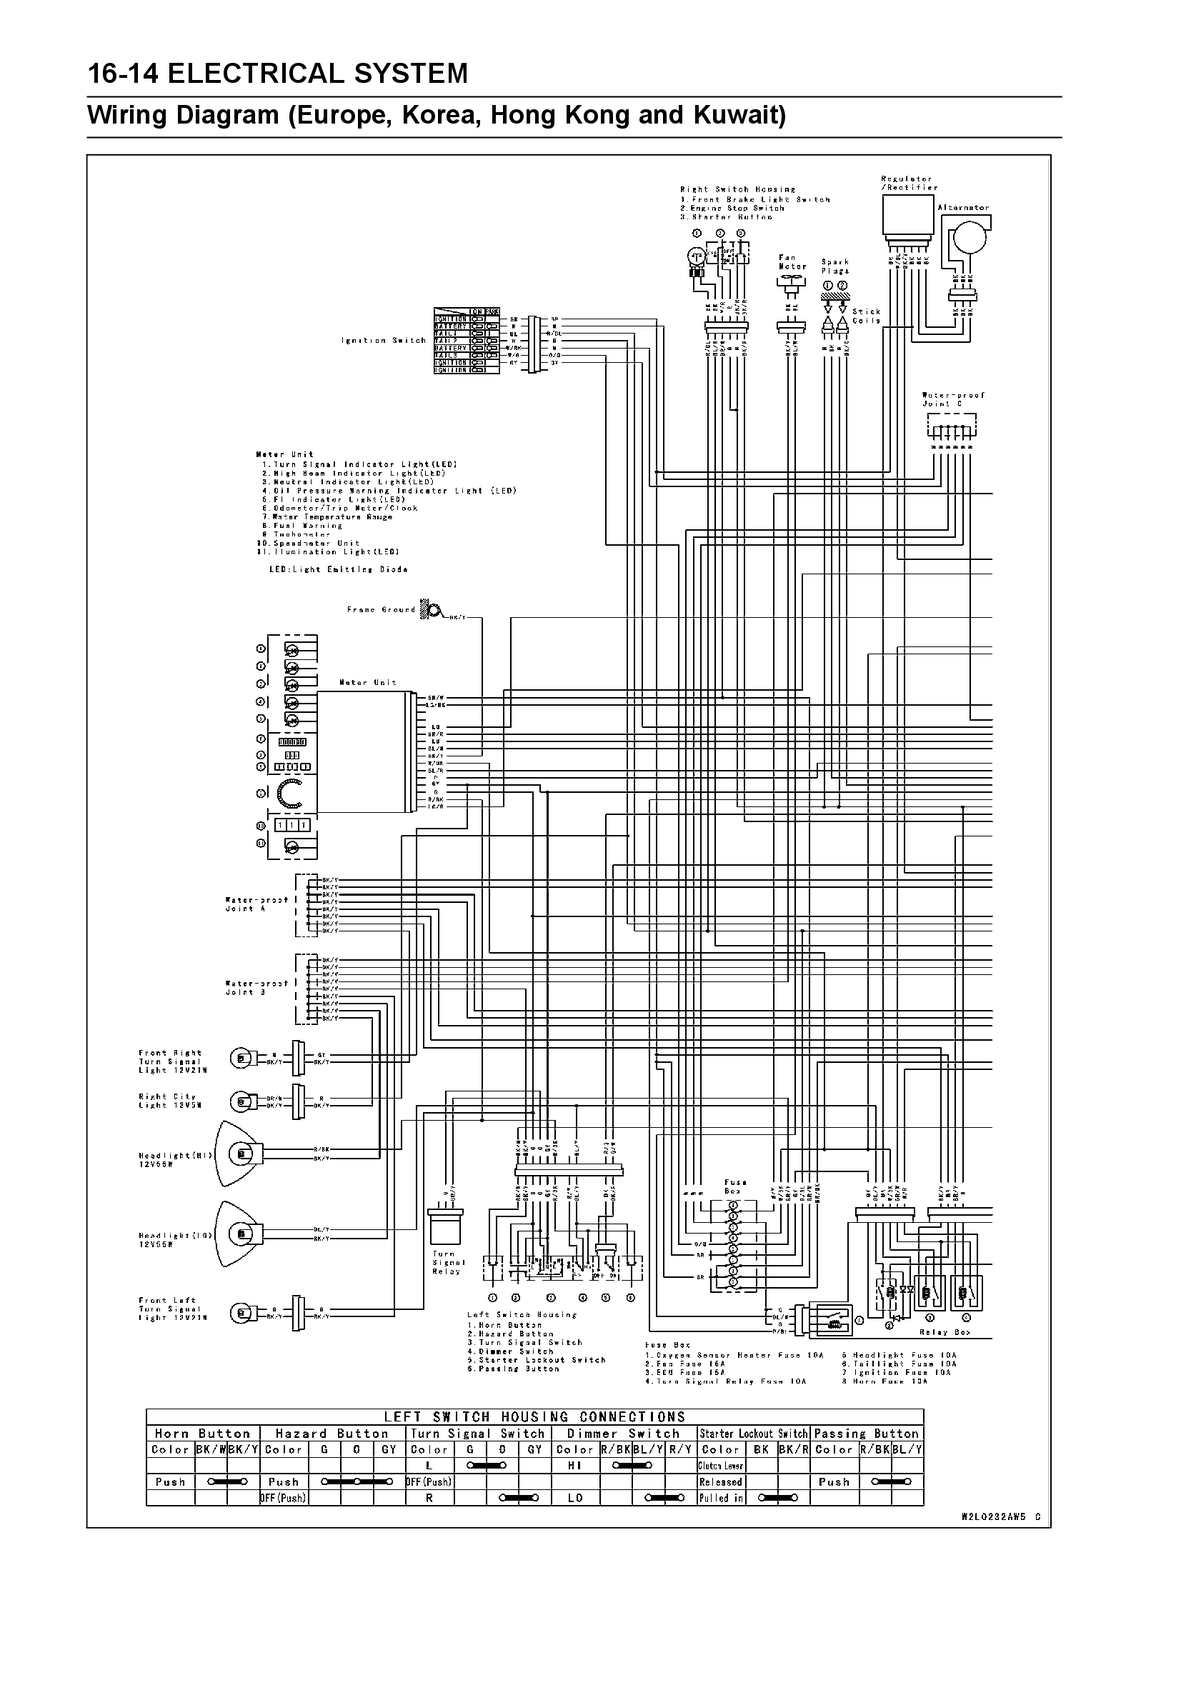 kawasaki er 6f wiring harness kawasaki auto wiring diagram schematic kawasaki ninja 650r er 6f abs er 6f fuel system wiring diagram pdf on kawasaki er